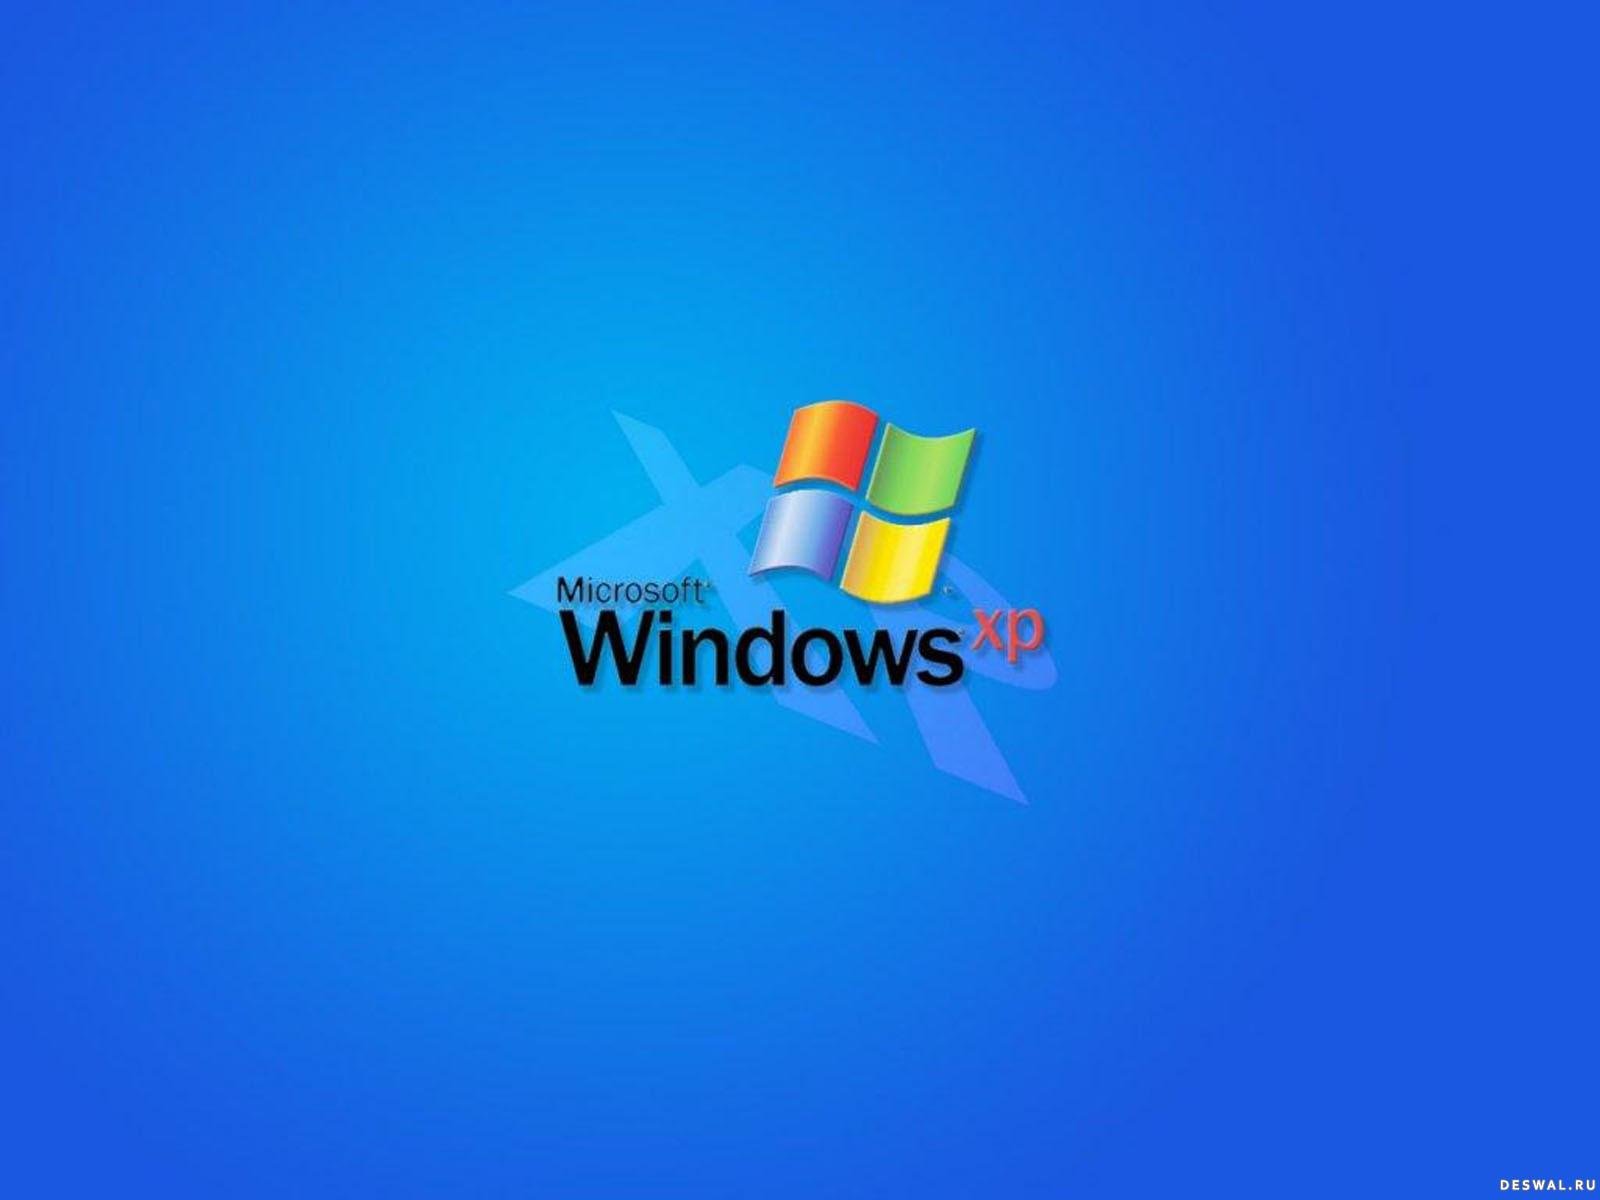 Фото 28. Нажмите на картинку с обоями windows, чтобы просмотреть ее в реальном размере